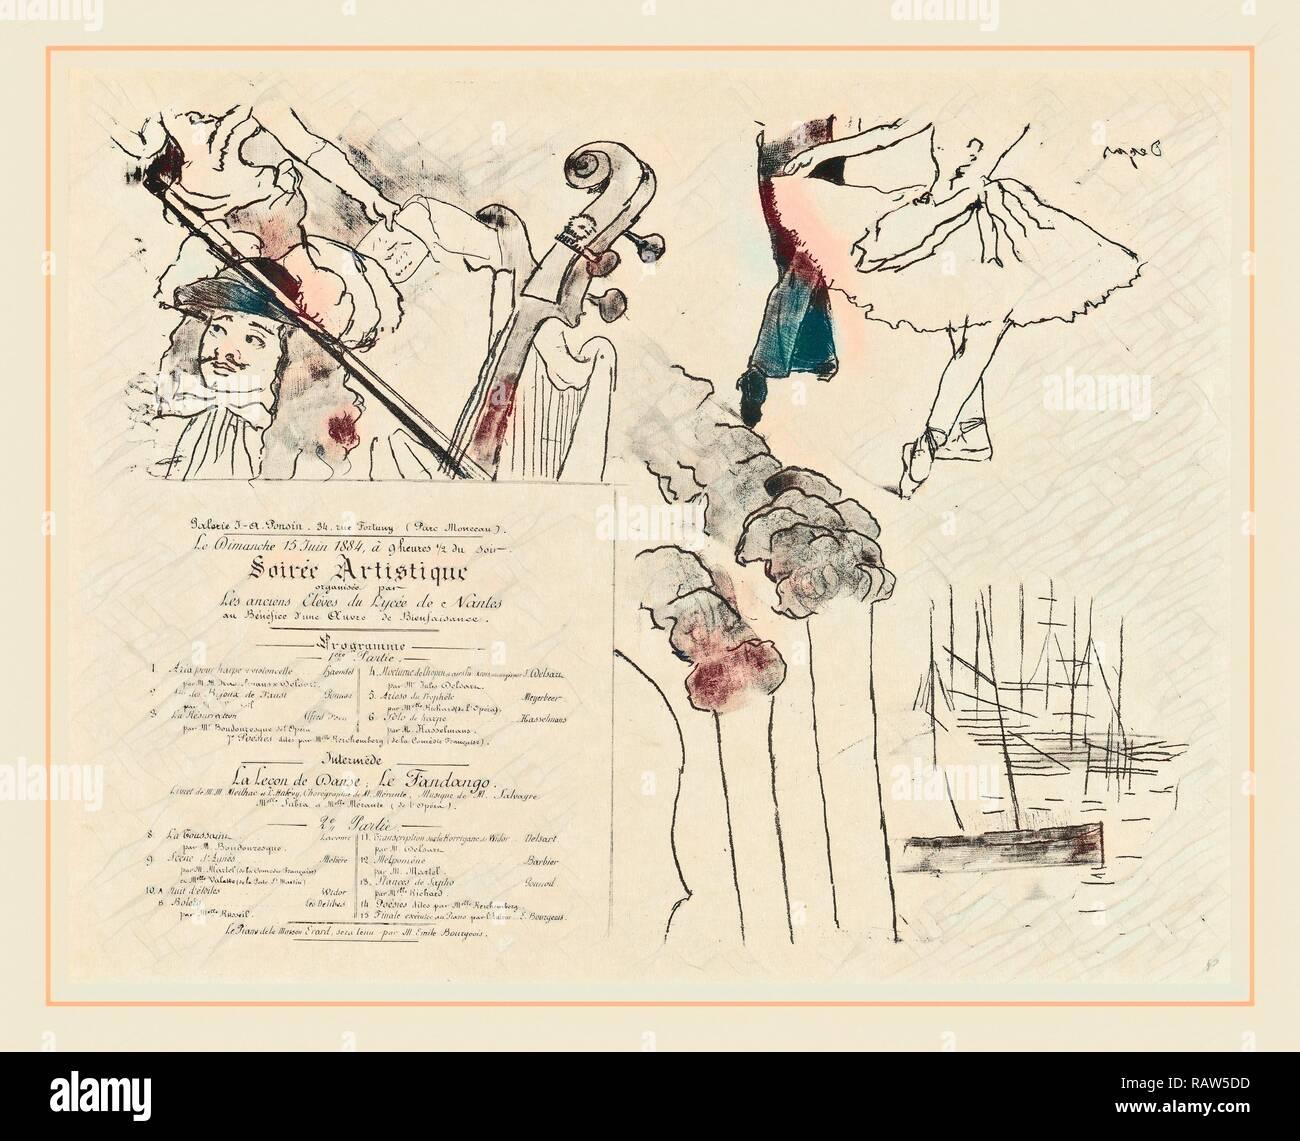 Edgar Degas, Programm für die Soiree Artistique (Programm de la Soirée des Anciens élèves du Lycée de Nantes), Französisch neuerfundene Stockbild